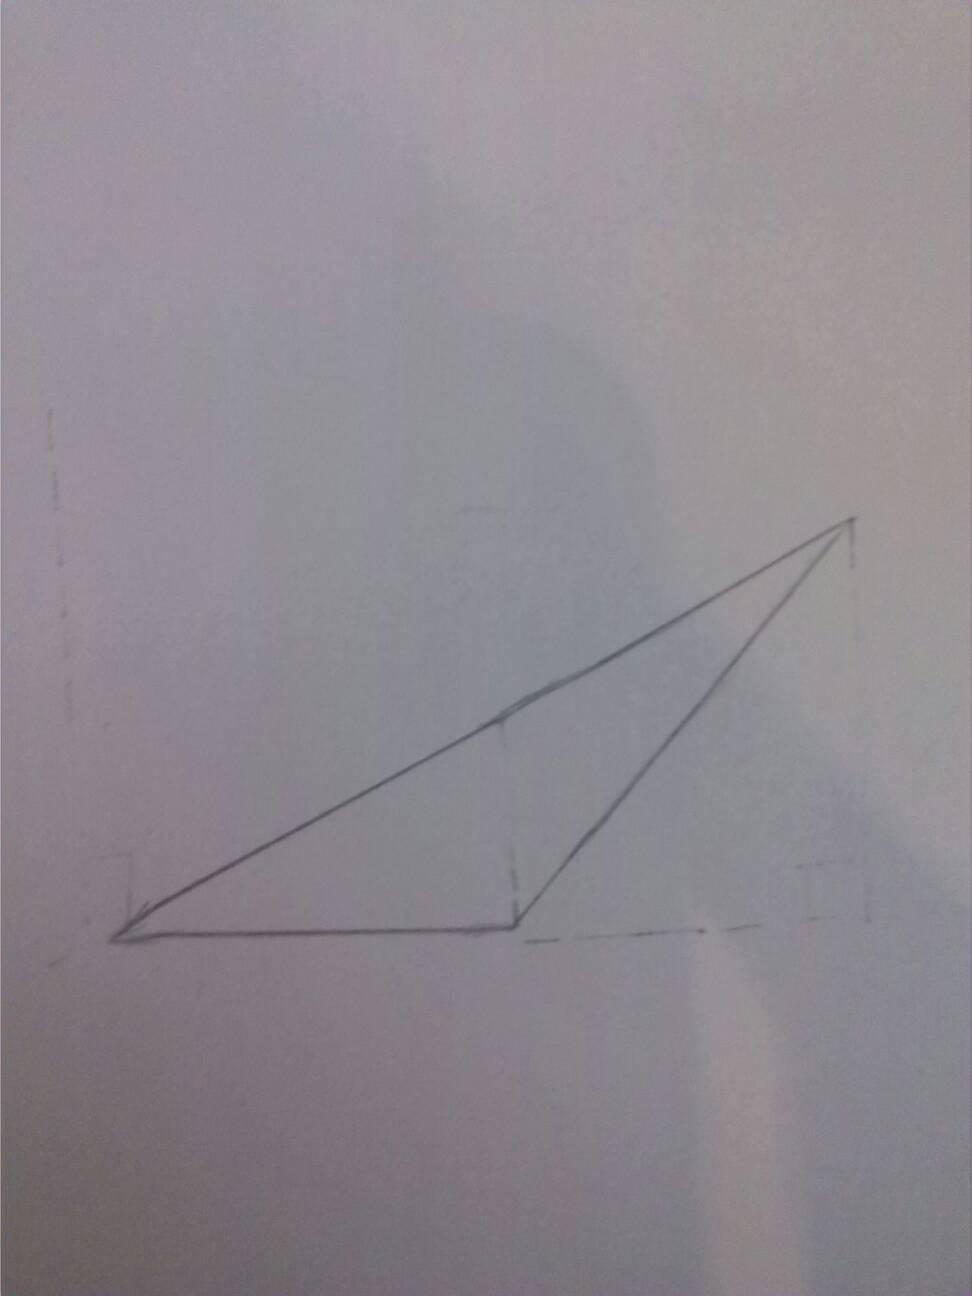 钝角三角形的高怎么画? 拜托了!!!!!!!!!!!!!!!!钝角三角形的高怎么画? 拜托了!!!!!!!!!!!!!!!!